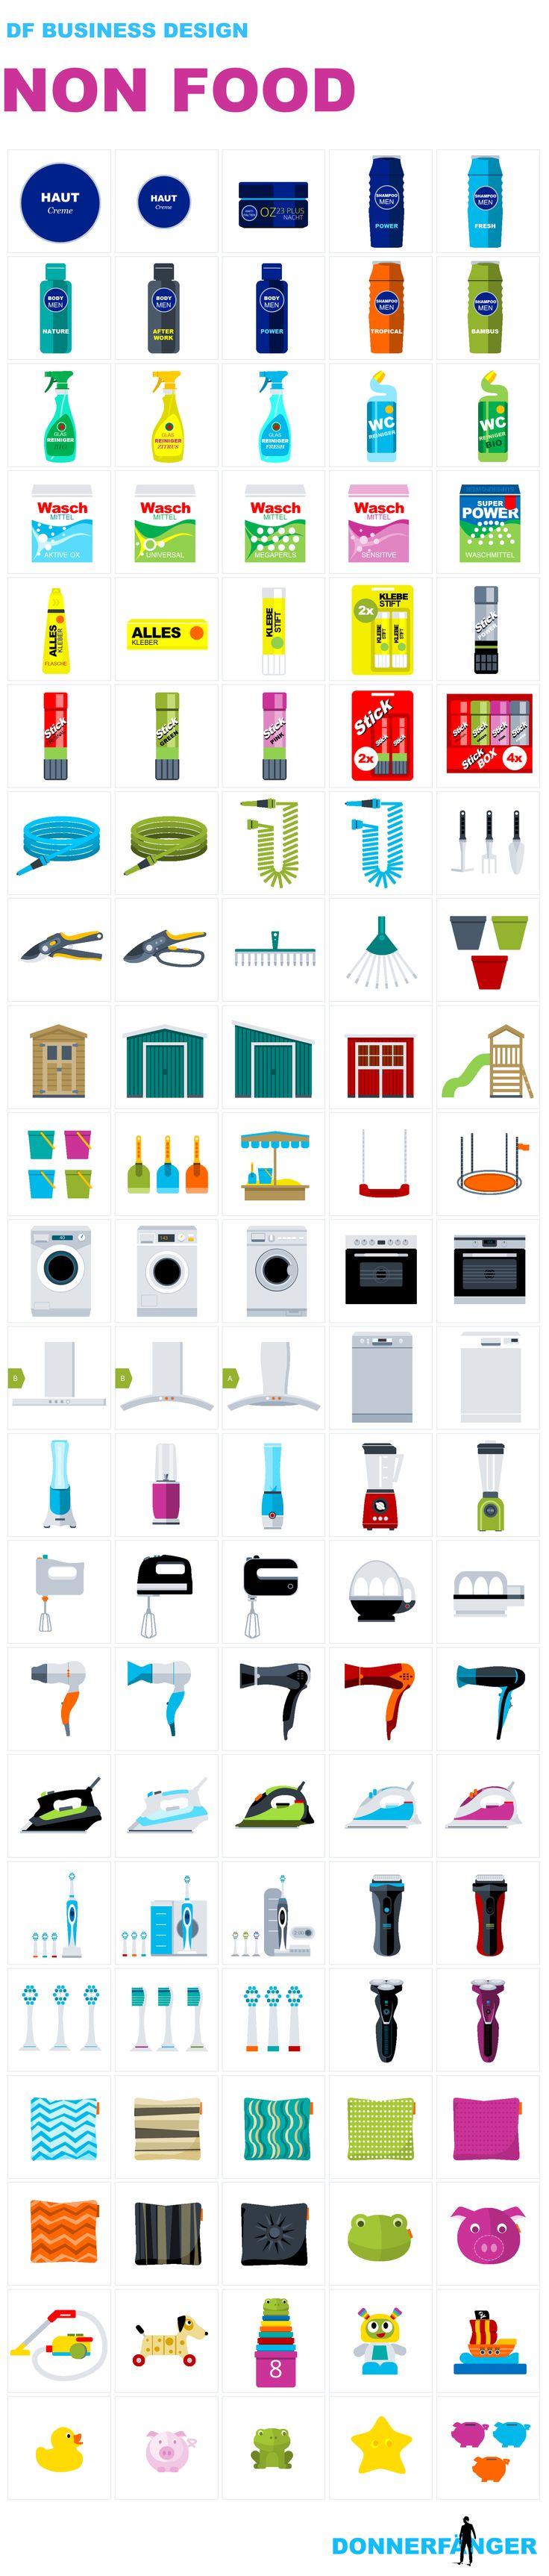 Non Food Products for eCommerce: Flat Design, Created with PowerPoint: Supermarket-Produkte: Hautcreme, Shampoo, Duschcreme, Glasreiniger, Waschmittel, WC, Kissen, Spielsachen, Kind, Hund, Staubsauger, Sparschwein, Gartenhaus, Eimer, Sandkasten, Gartenschlauch, Gartenschere, Blumentopf, Waschmaschine, Backofen, Spülmaschine, Mixer, Smoothie Maker, Eierkocher, Rasierer, Fön, Bügeleisen, Zahnbürste, Donnerfänger